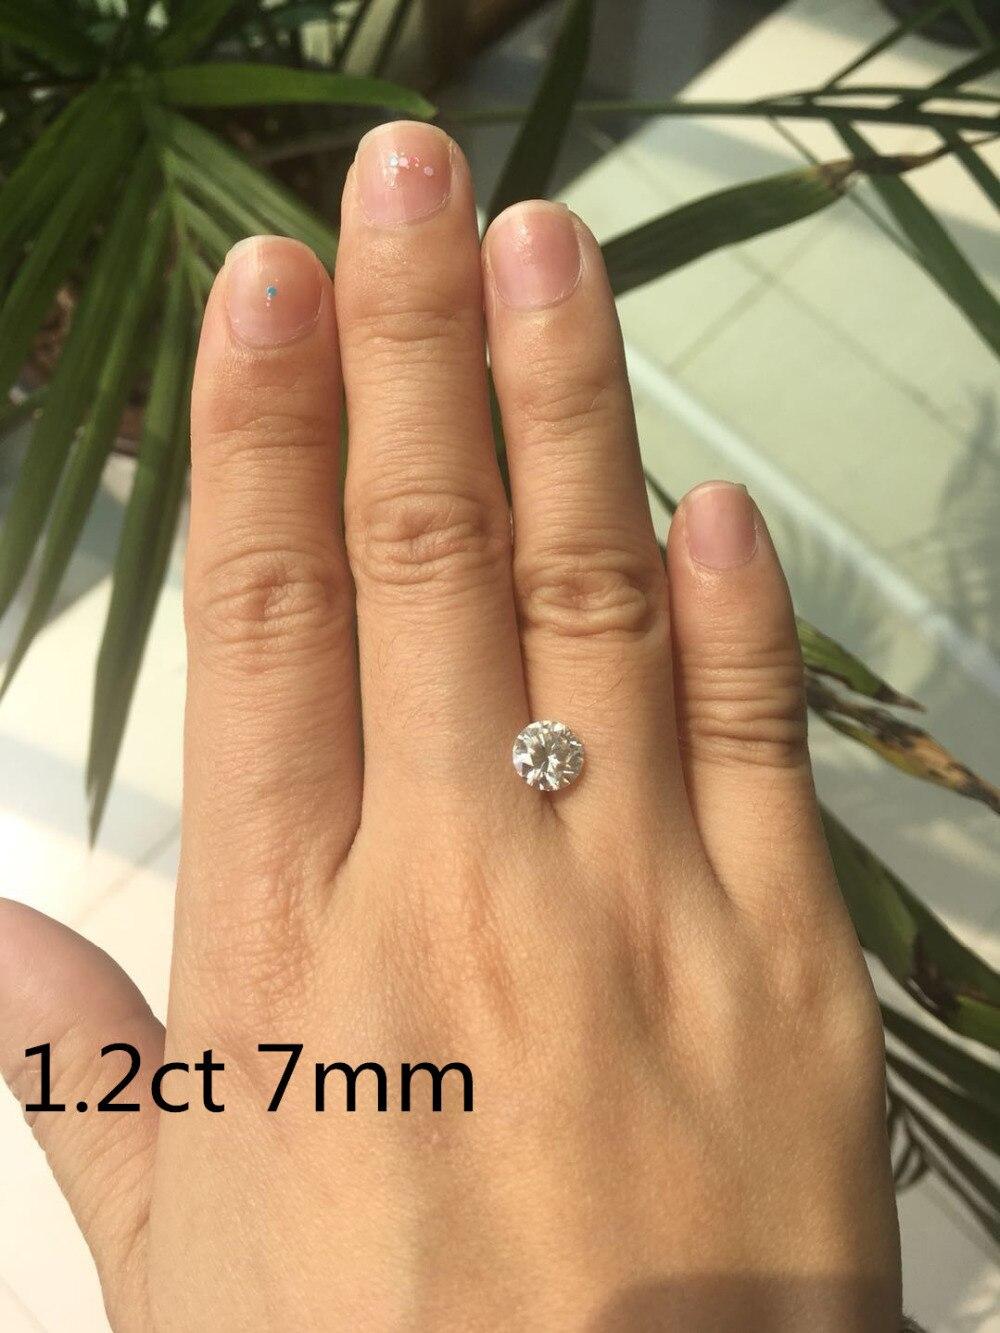 Transgems 1 pieza brillante 7,0mm F incoloro corazones y flechas corte redondo anillo piedra suelta perlas para joyería haciendo - 6